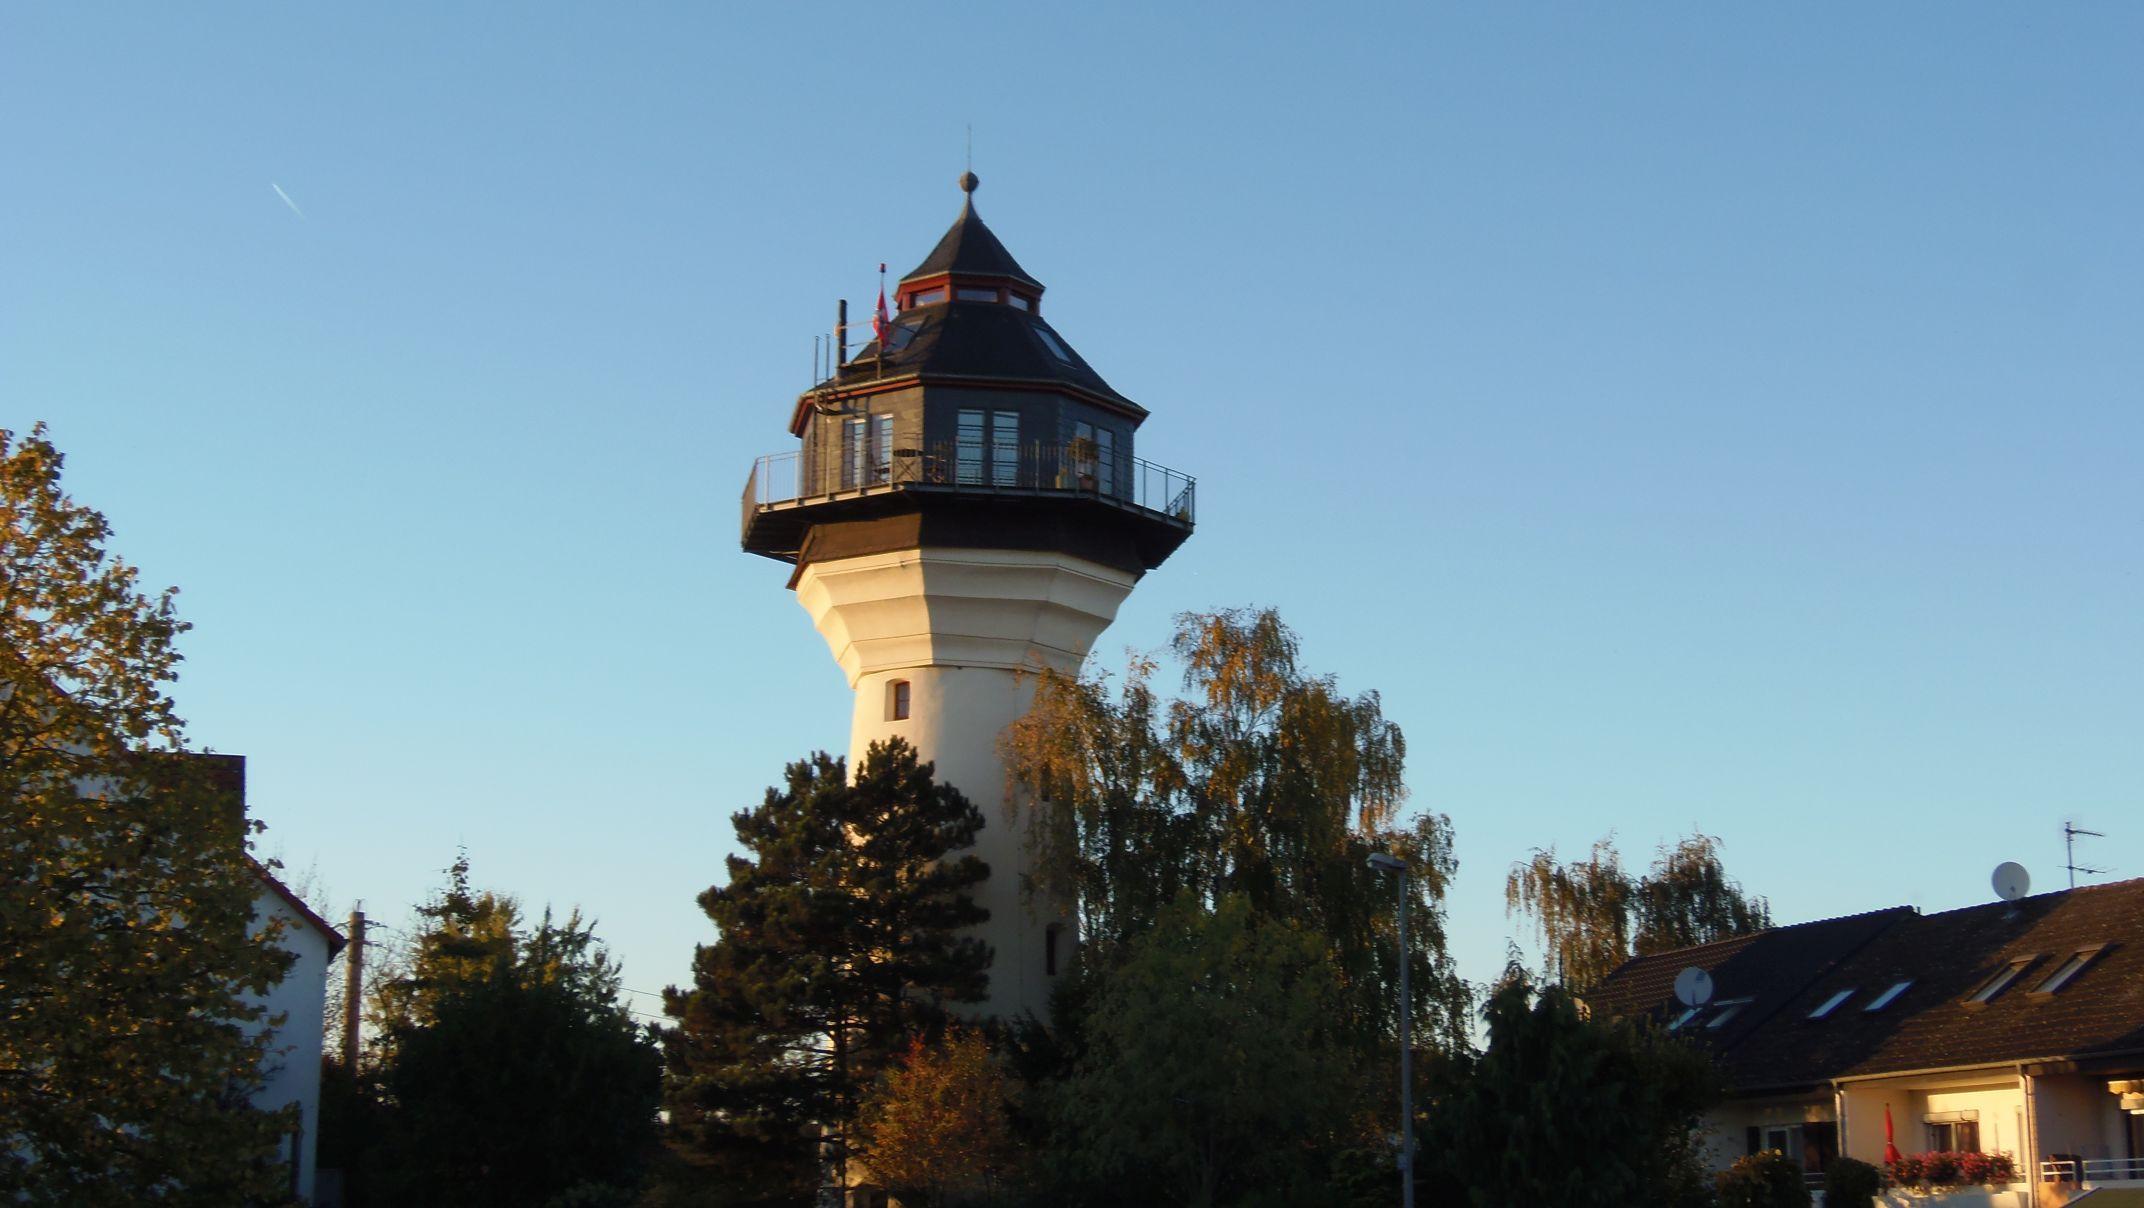 Wasserturm Igstadt